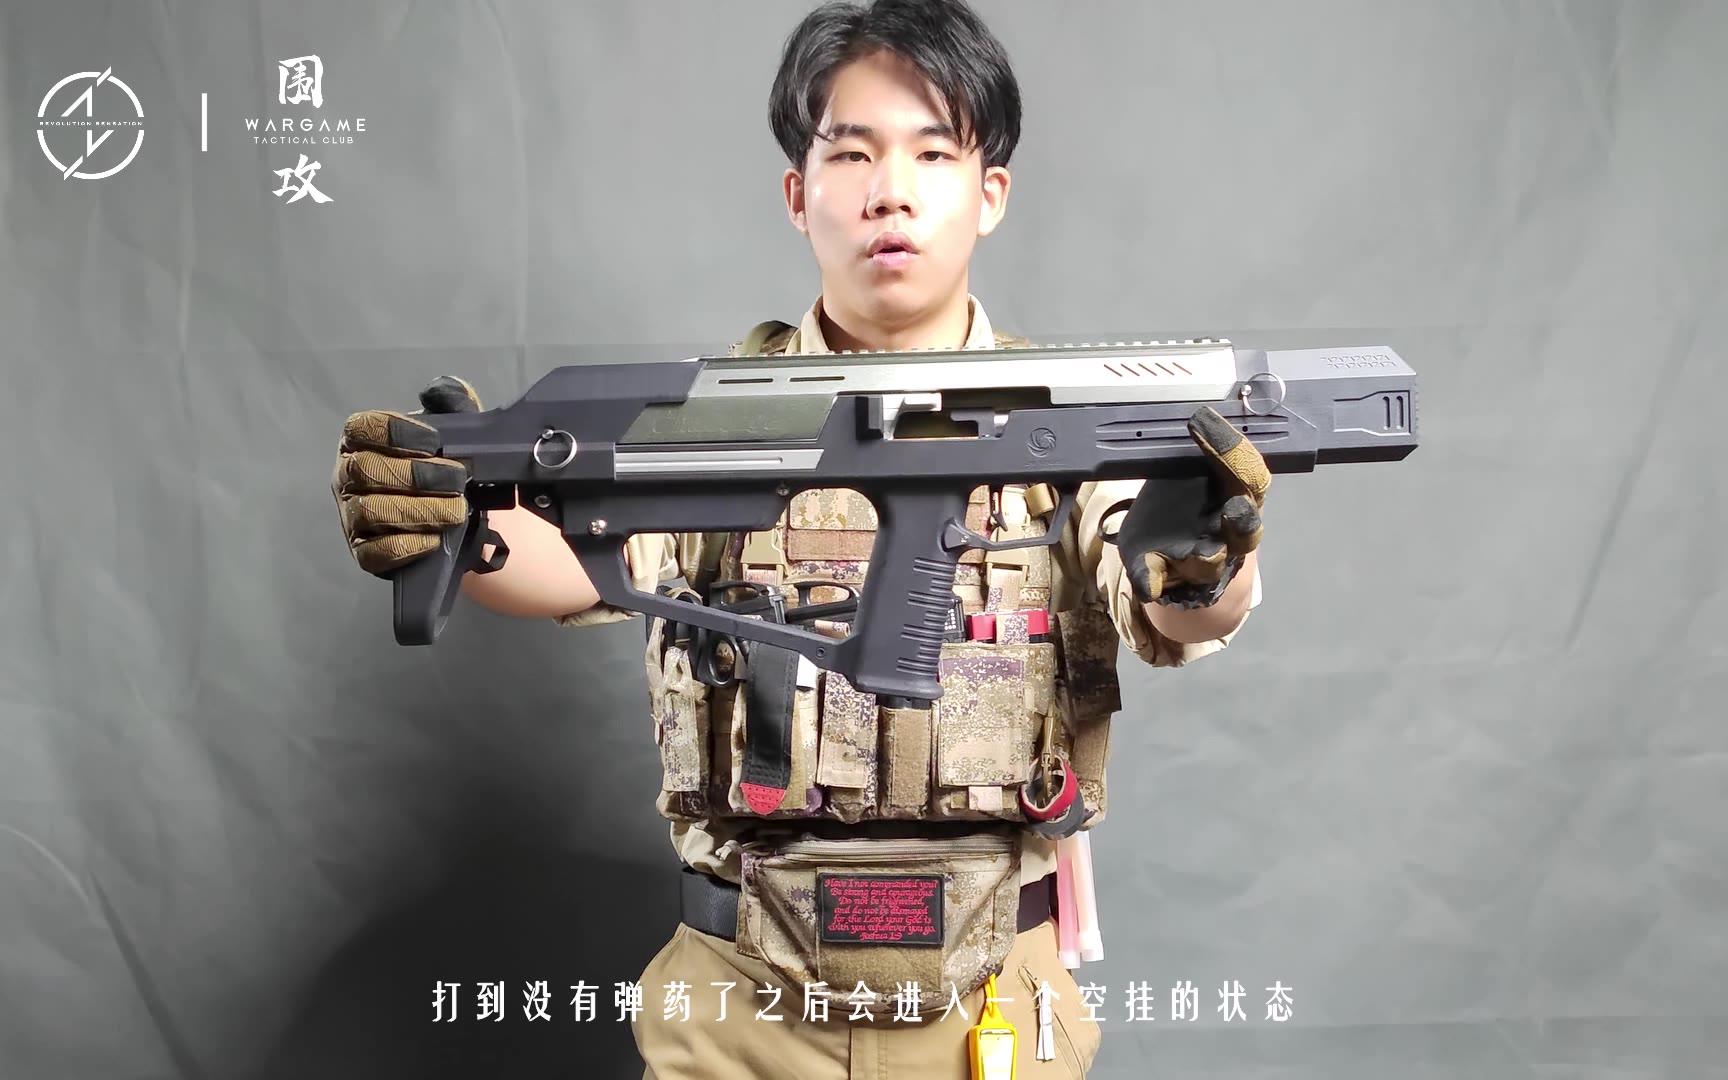 【测评】NERF新品,北青MK3(CNC限量版)测试